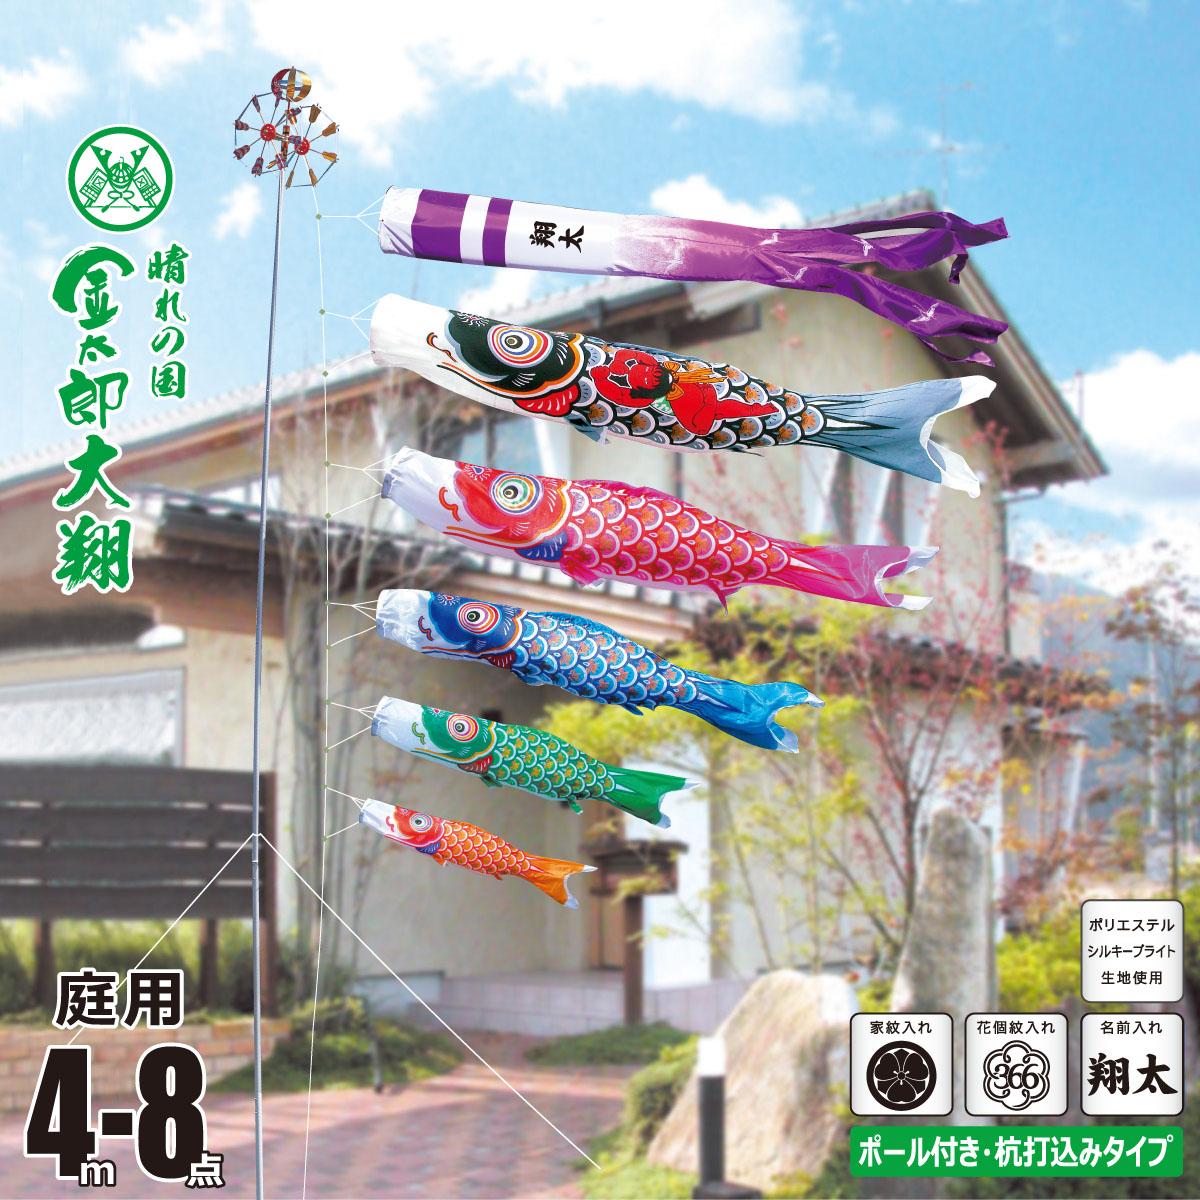 こいのぼり 4m 金太郎大翔 8点 (矢車、ロープ、吹流し、鯉5匹) 庭園用 ガーデンセット (専用ポール一式) 徳永鯉のぼり KIT-003-681